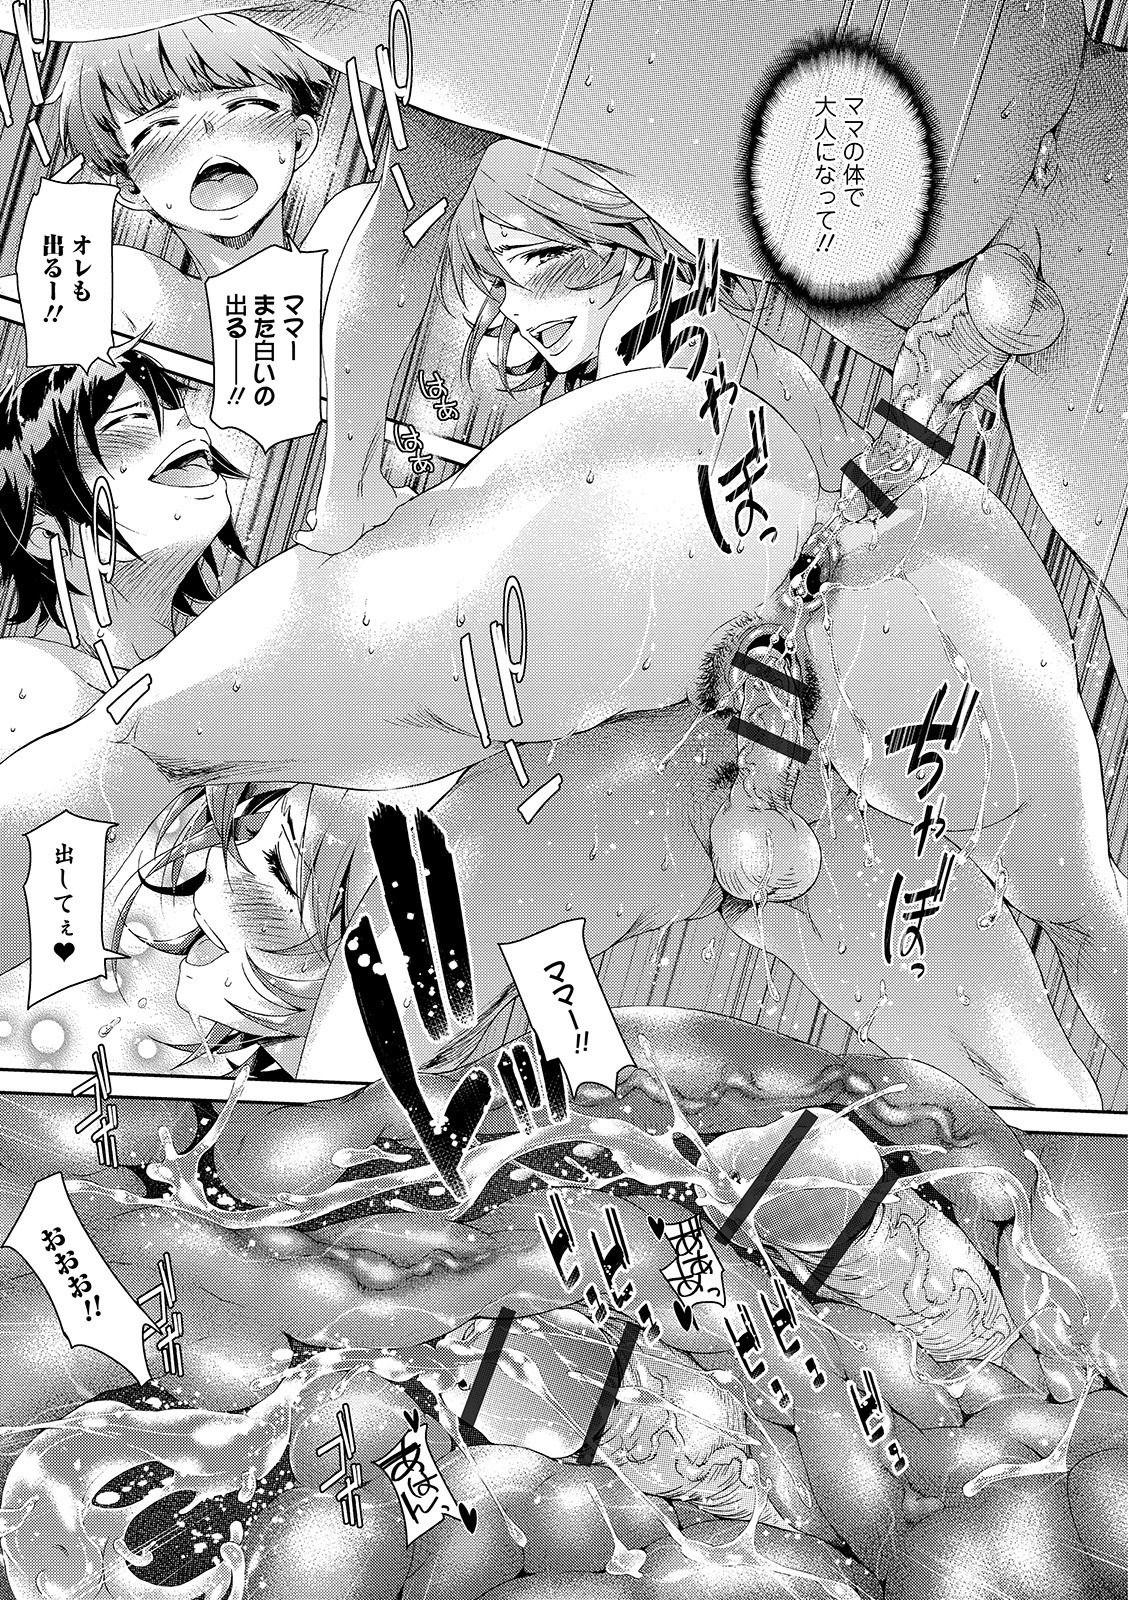 【エロ漫画】ママッ!友達と犯しても良いよねっ⁉人妻は息子とその友人たちに無理やり…みんなママの体で大人になってね!